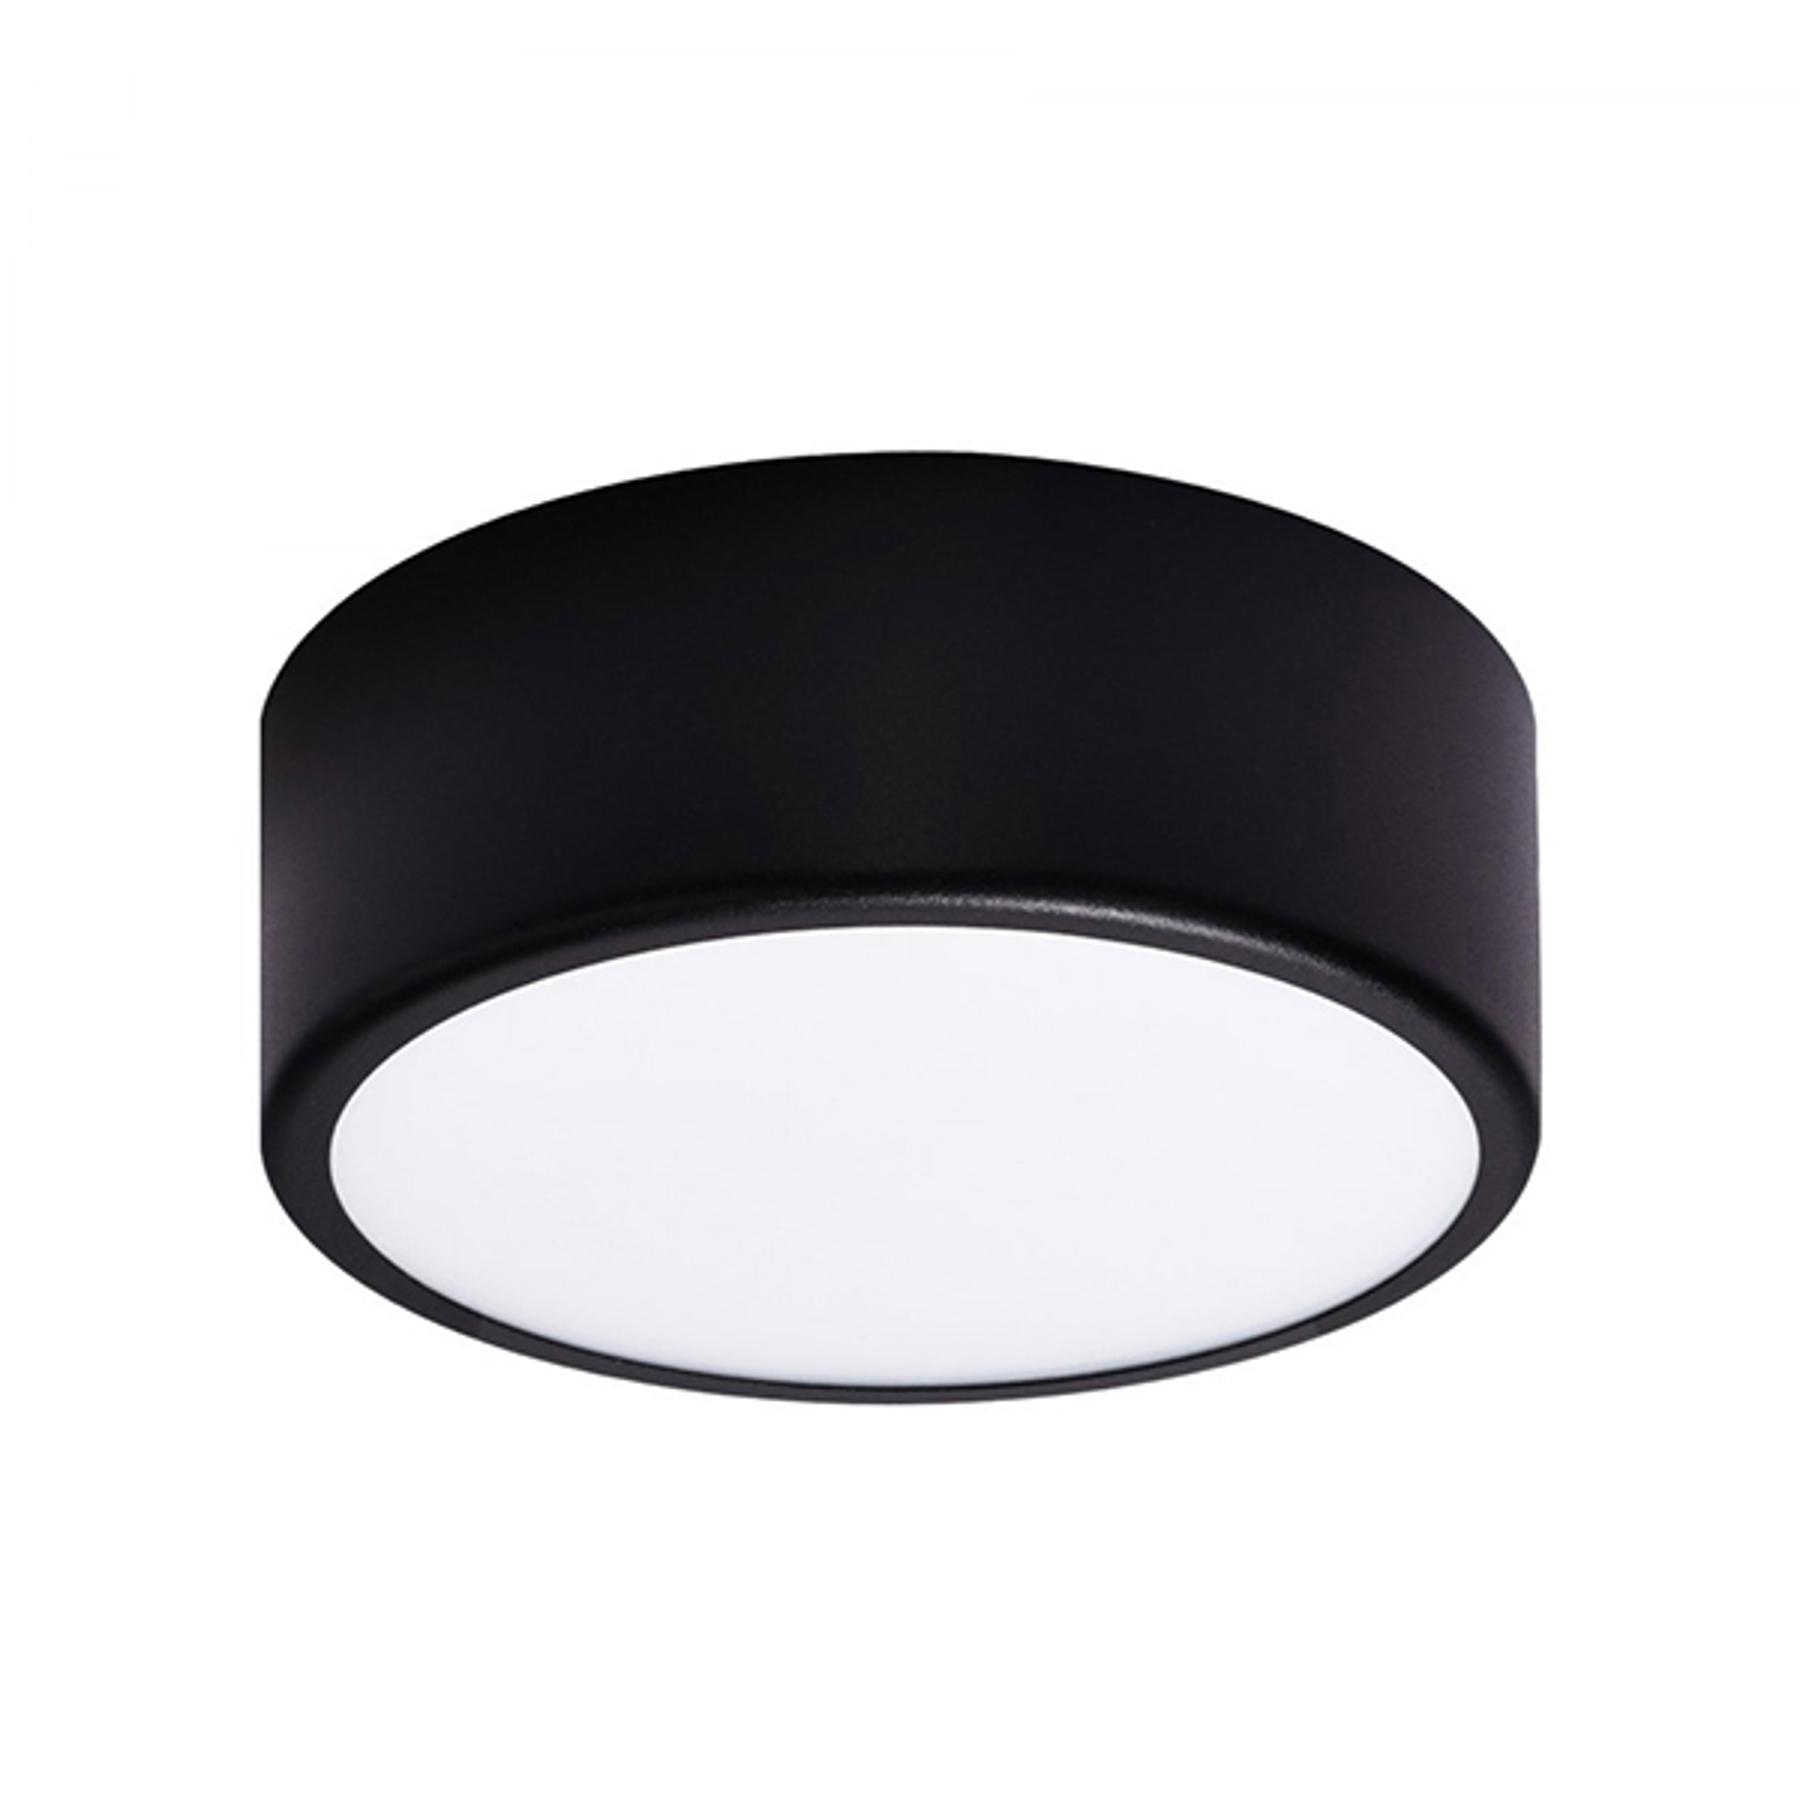 Lampa sufitowa Cleo, Ø 20cm, czarna